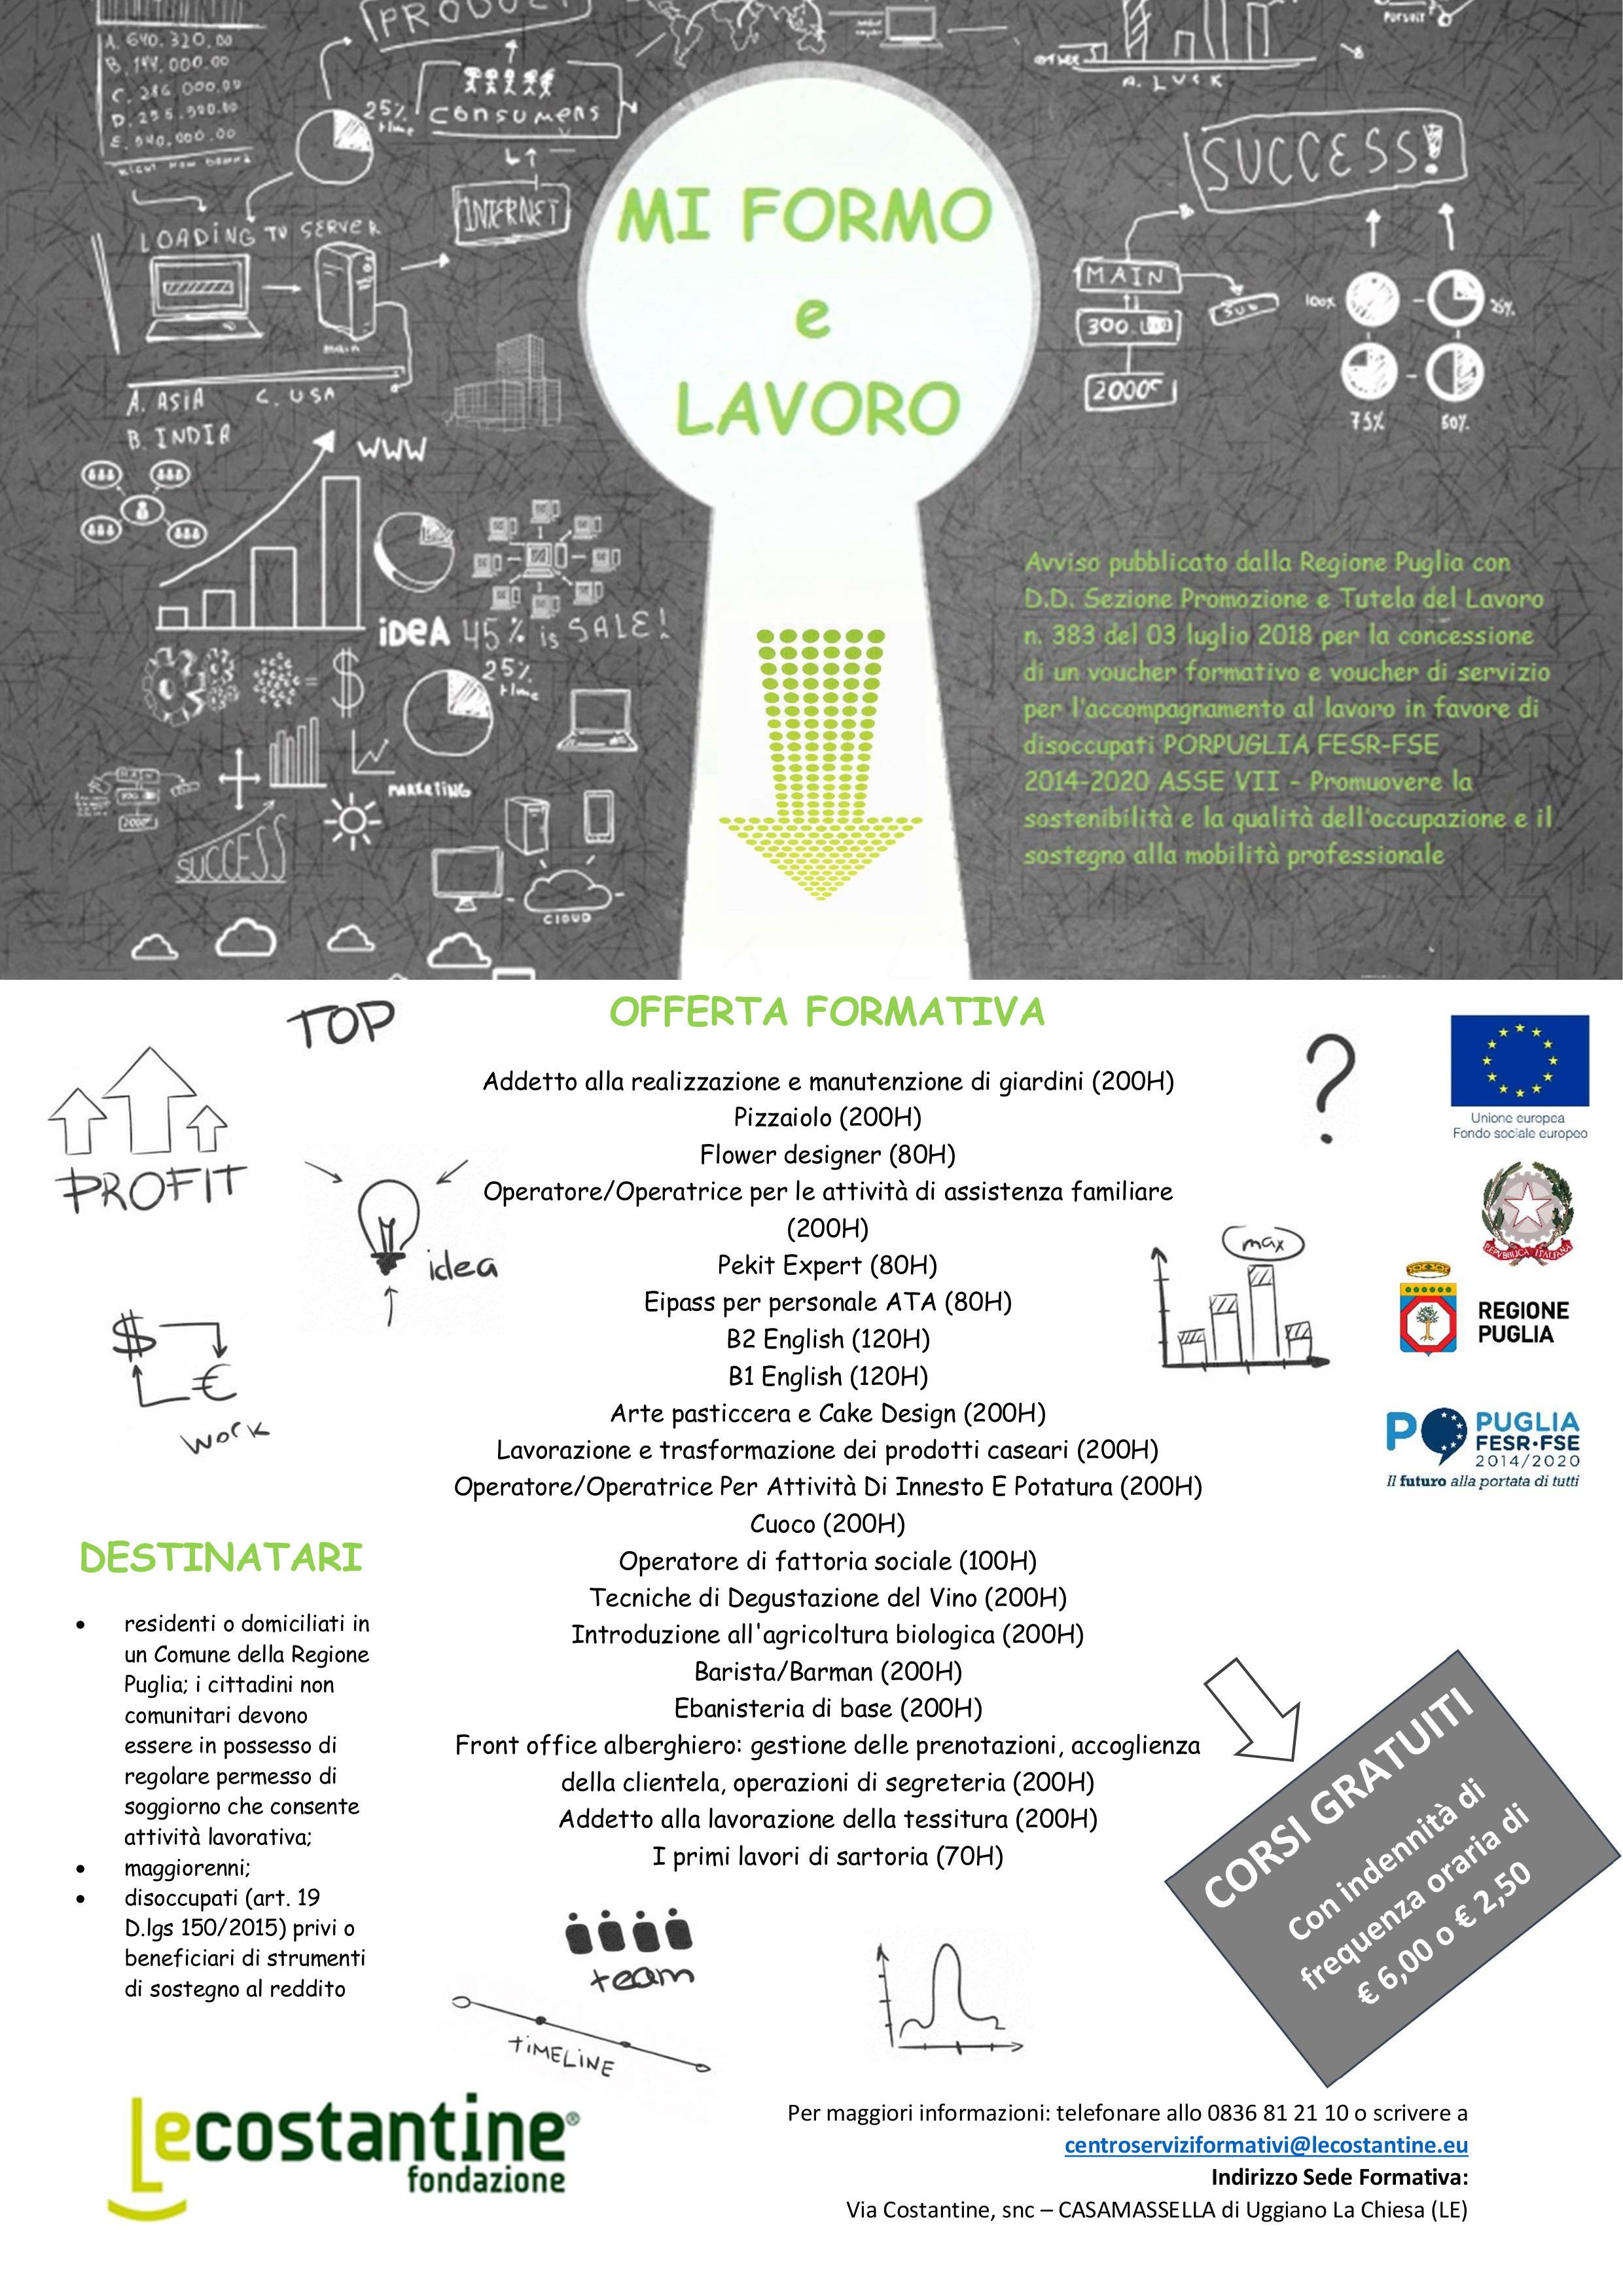 Fondazione-Le-Costantine-MI FORMO E LAVORO.jpg